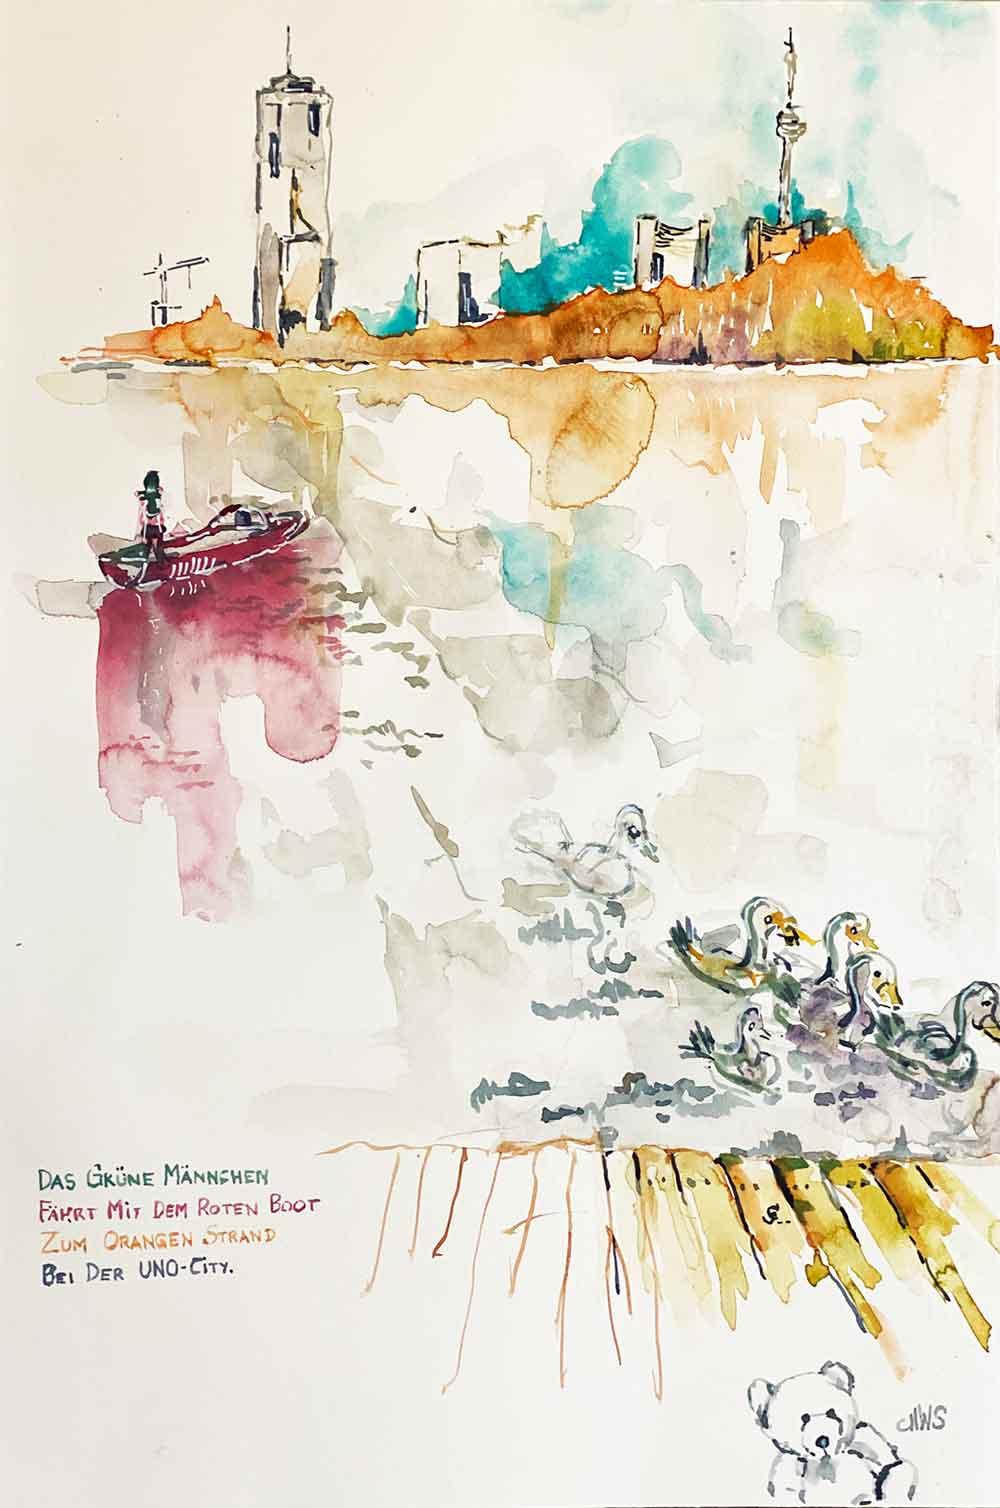 das grüne männchen fährt im roten boot zum orangen strand bei der uno city wien